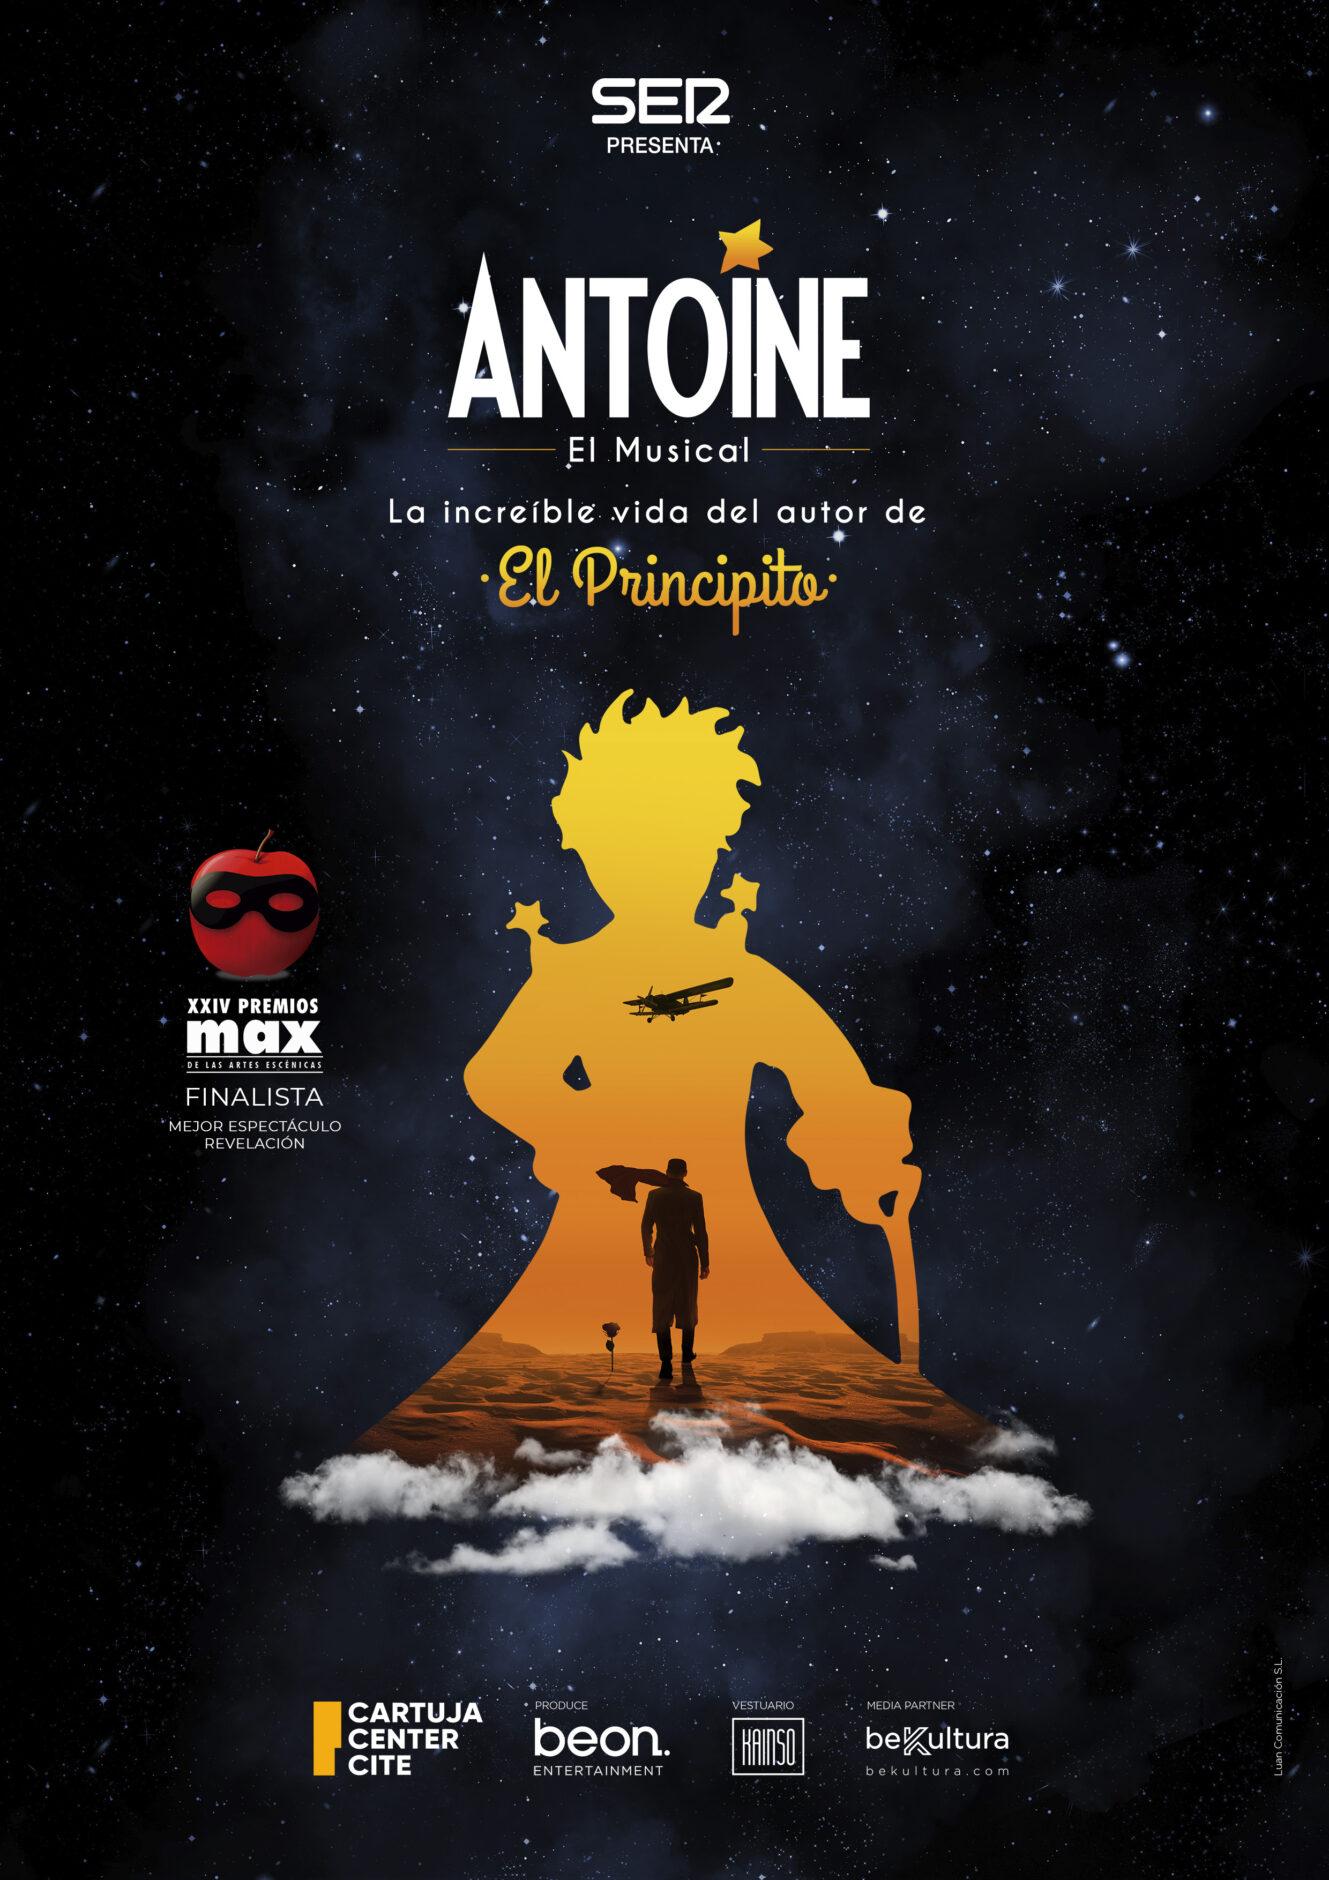 Antoine, el musical - La increíble historia del creador de El Principito 1